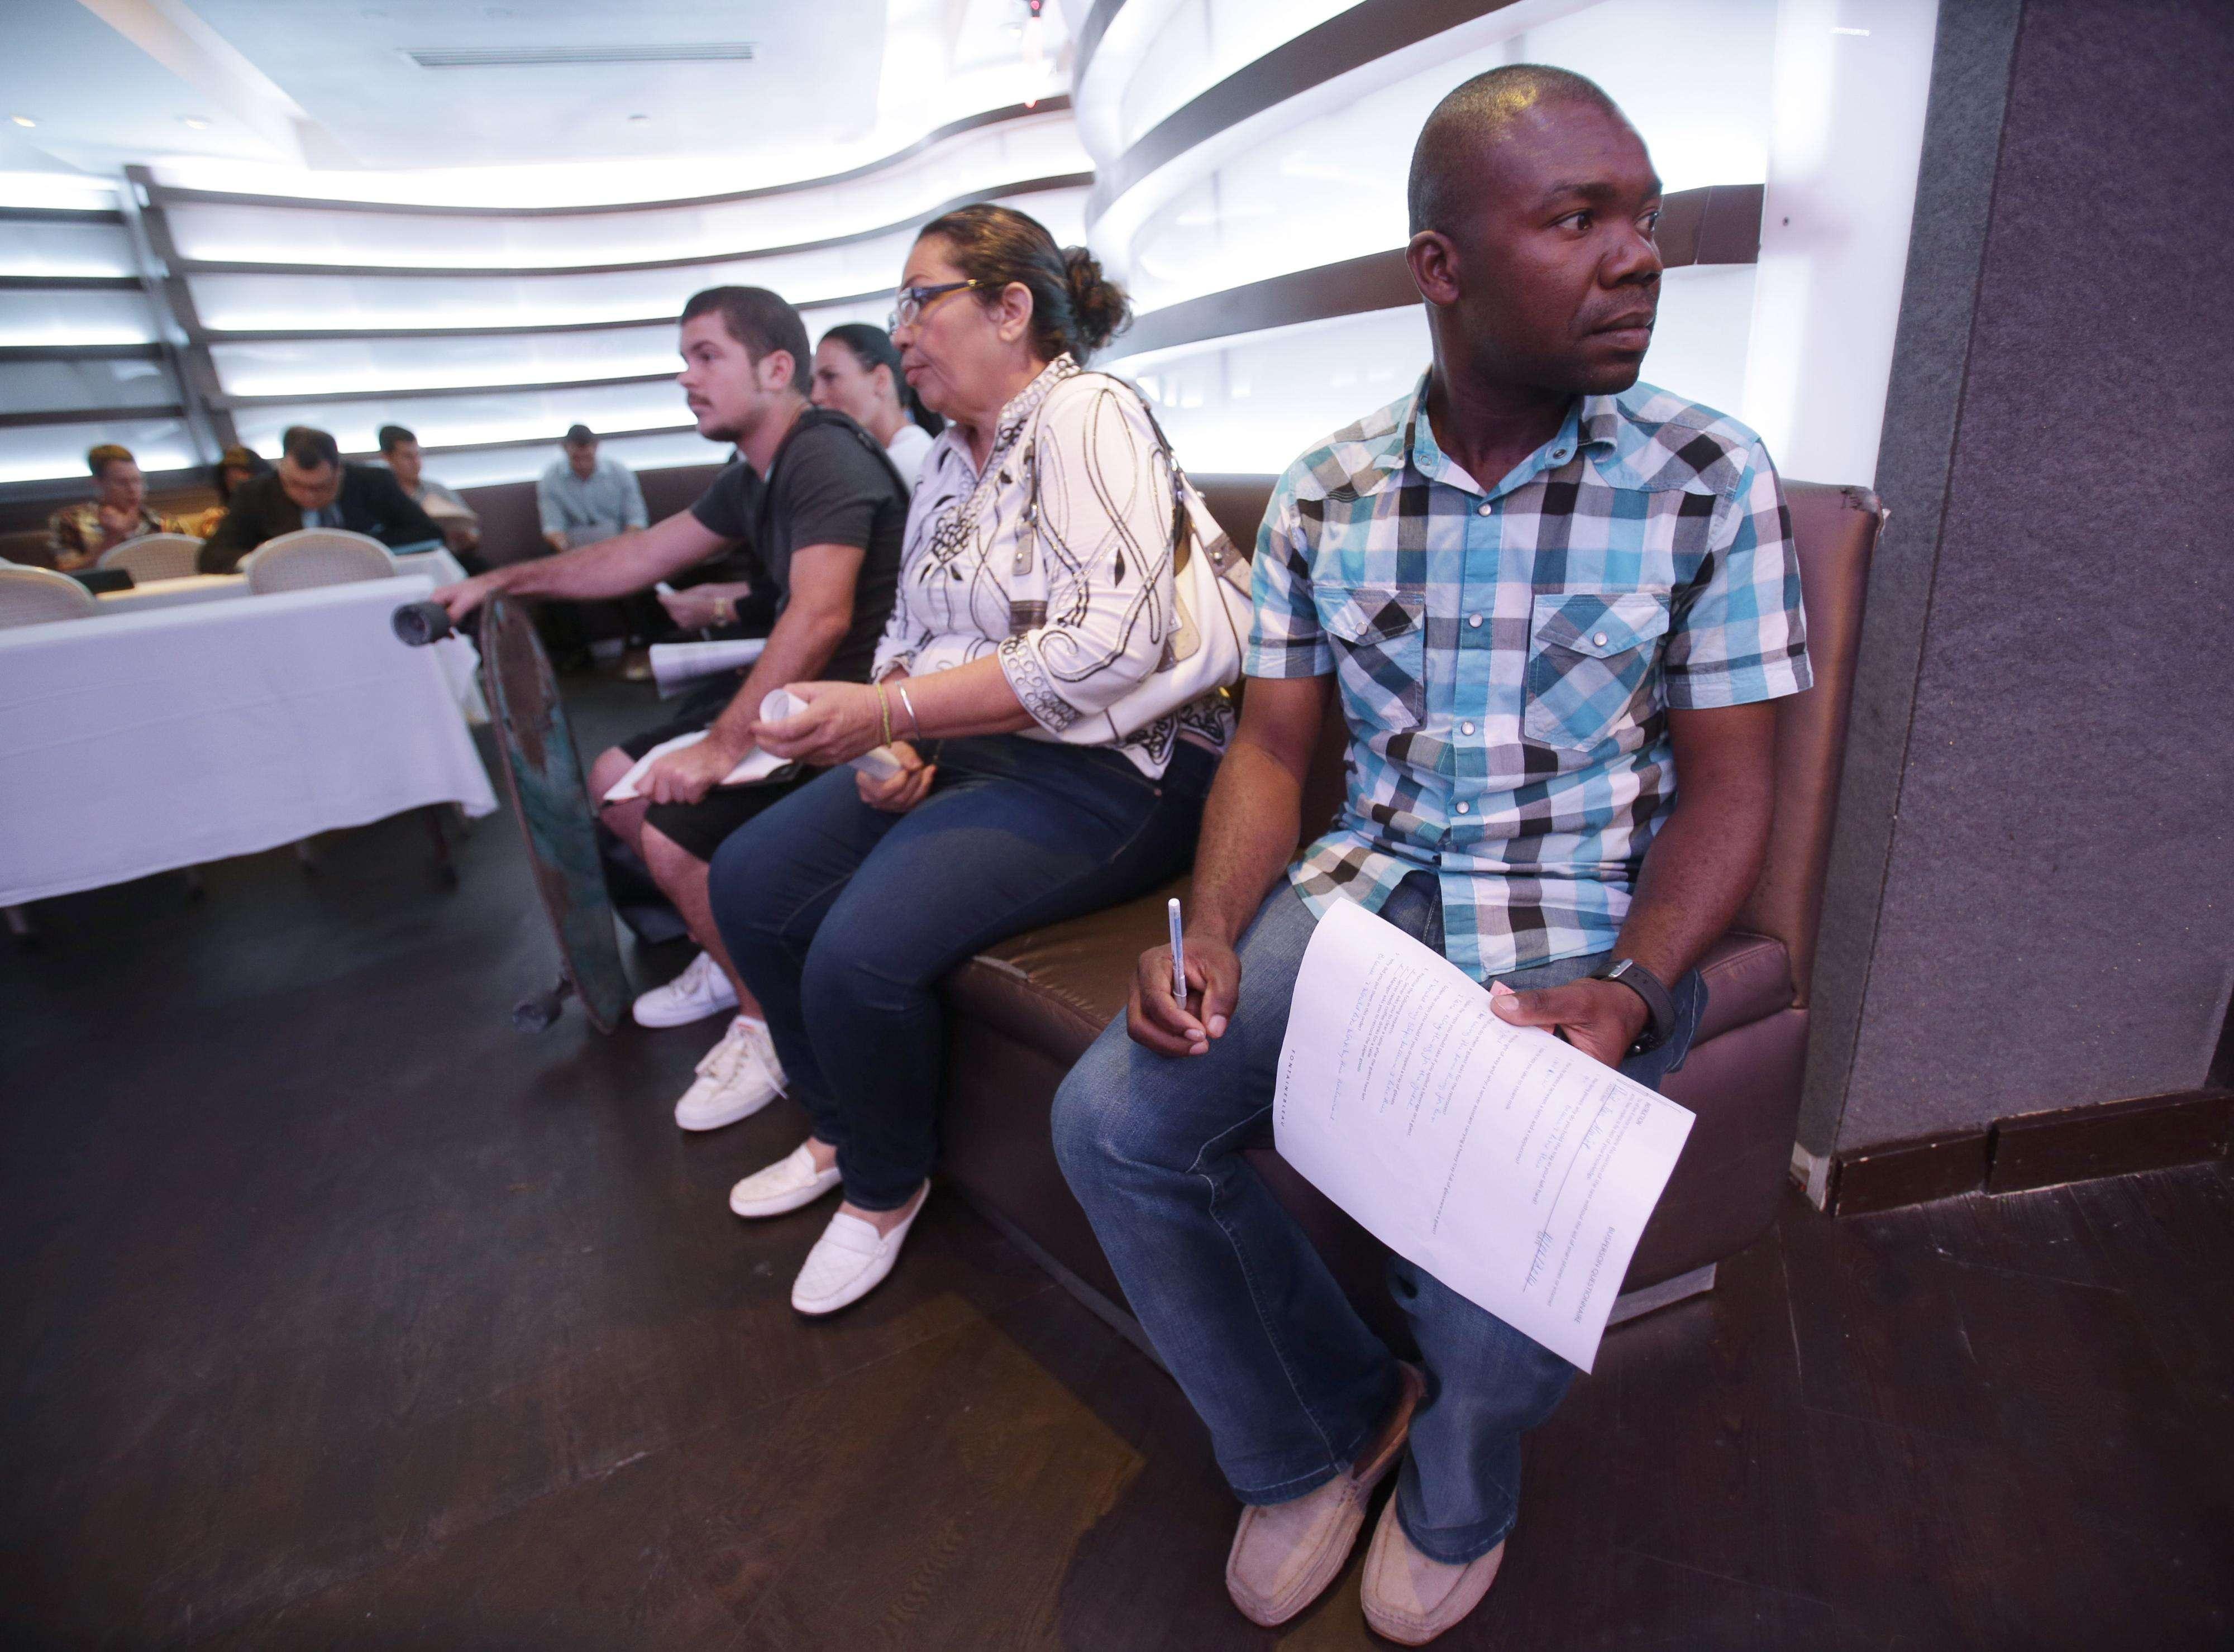 Jean Meryot durante una feria de empleo en Miami Beach, Florida, el lunes 6 de octubre de 2014. Foto: AP en español